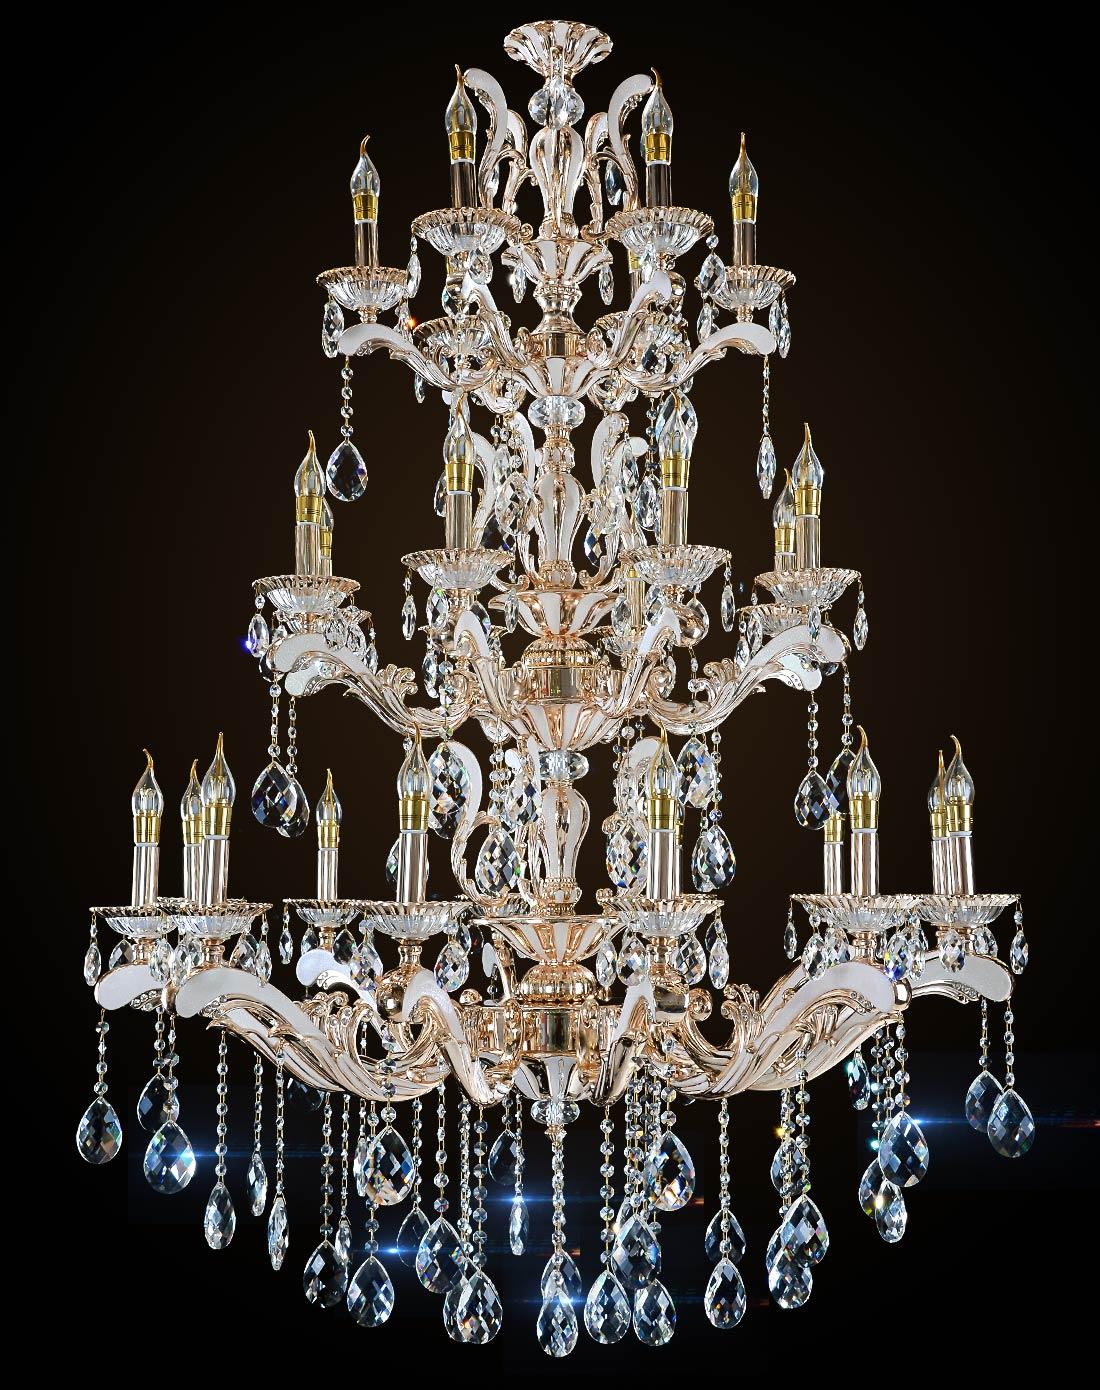 三层欧式水晶吊灯 锌合金